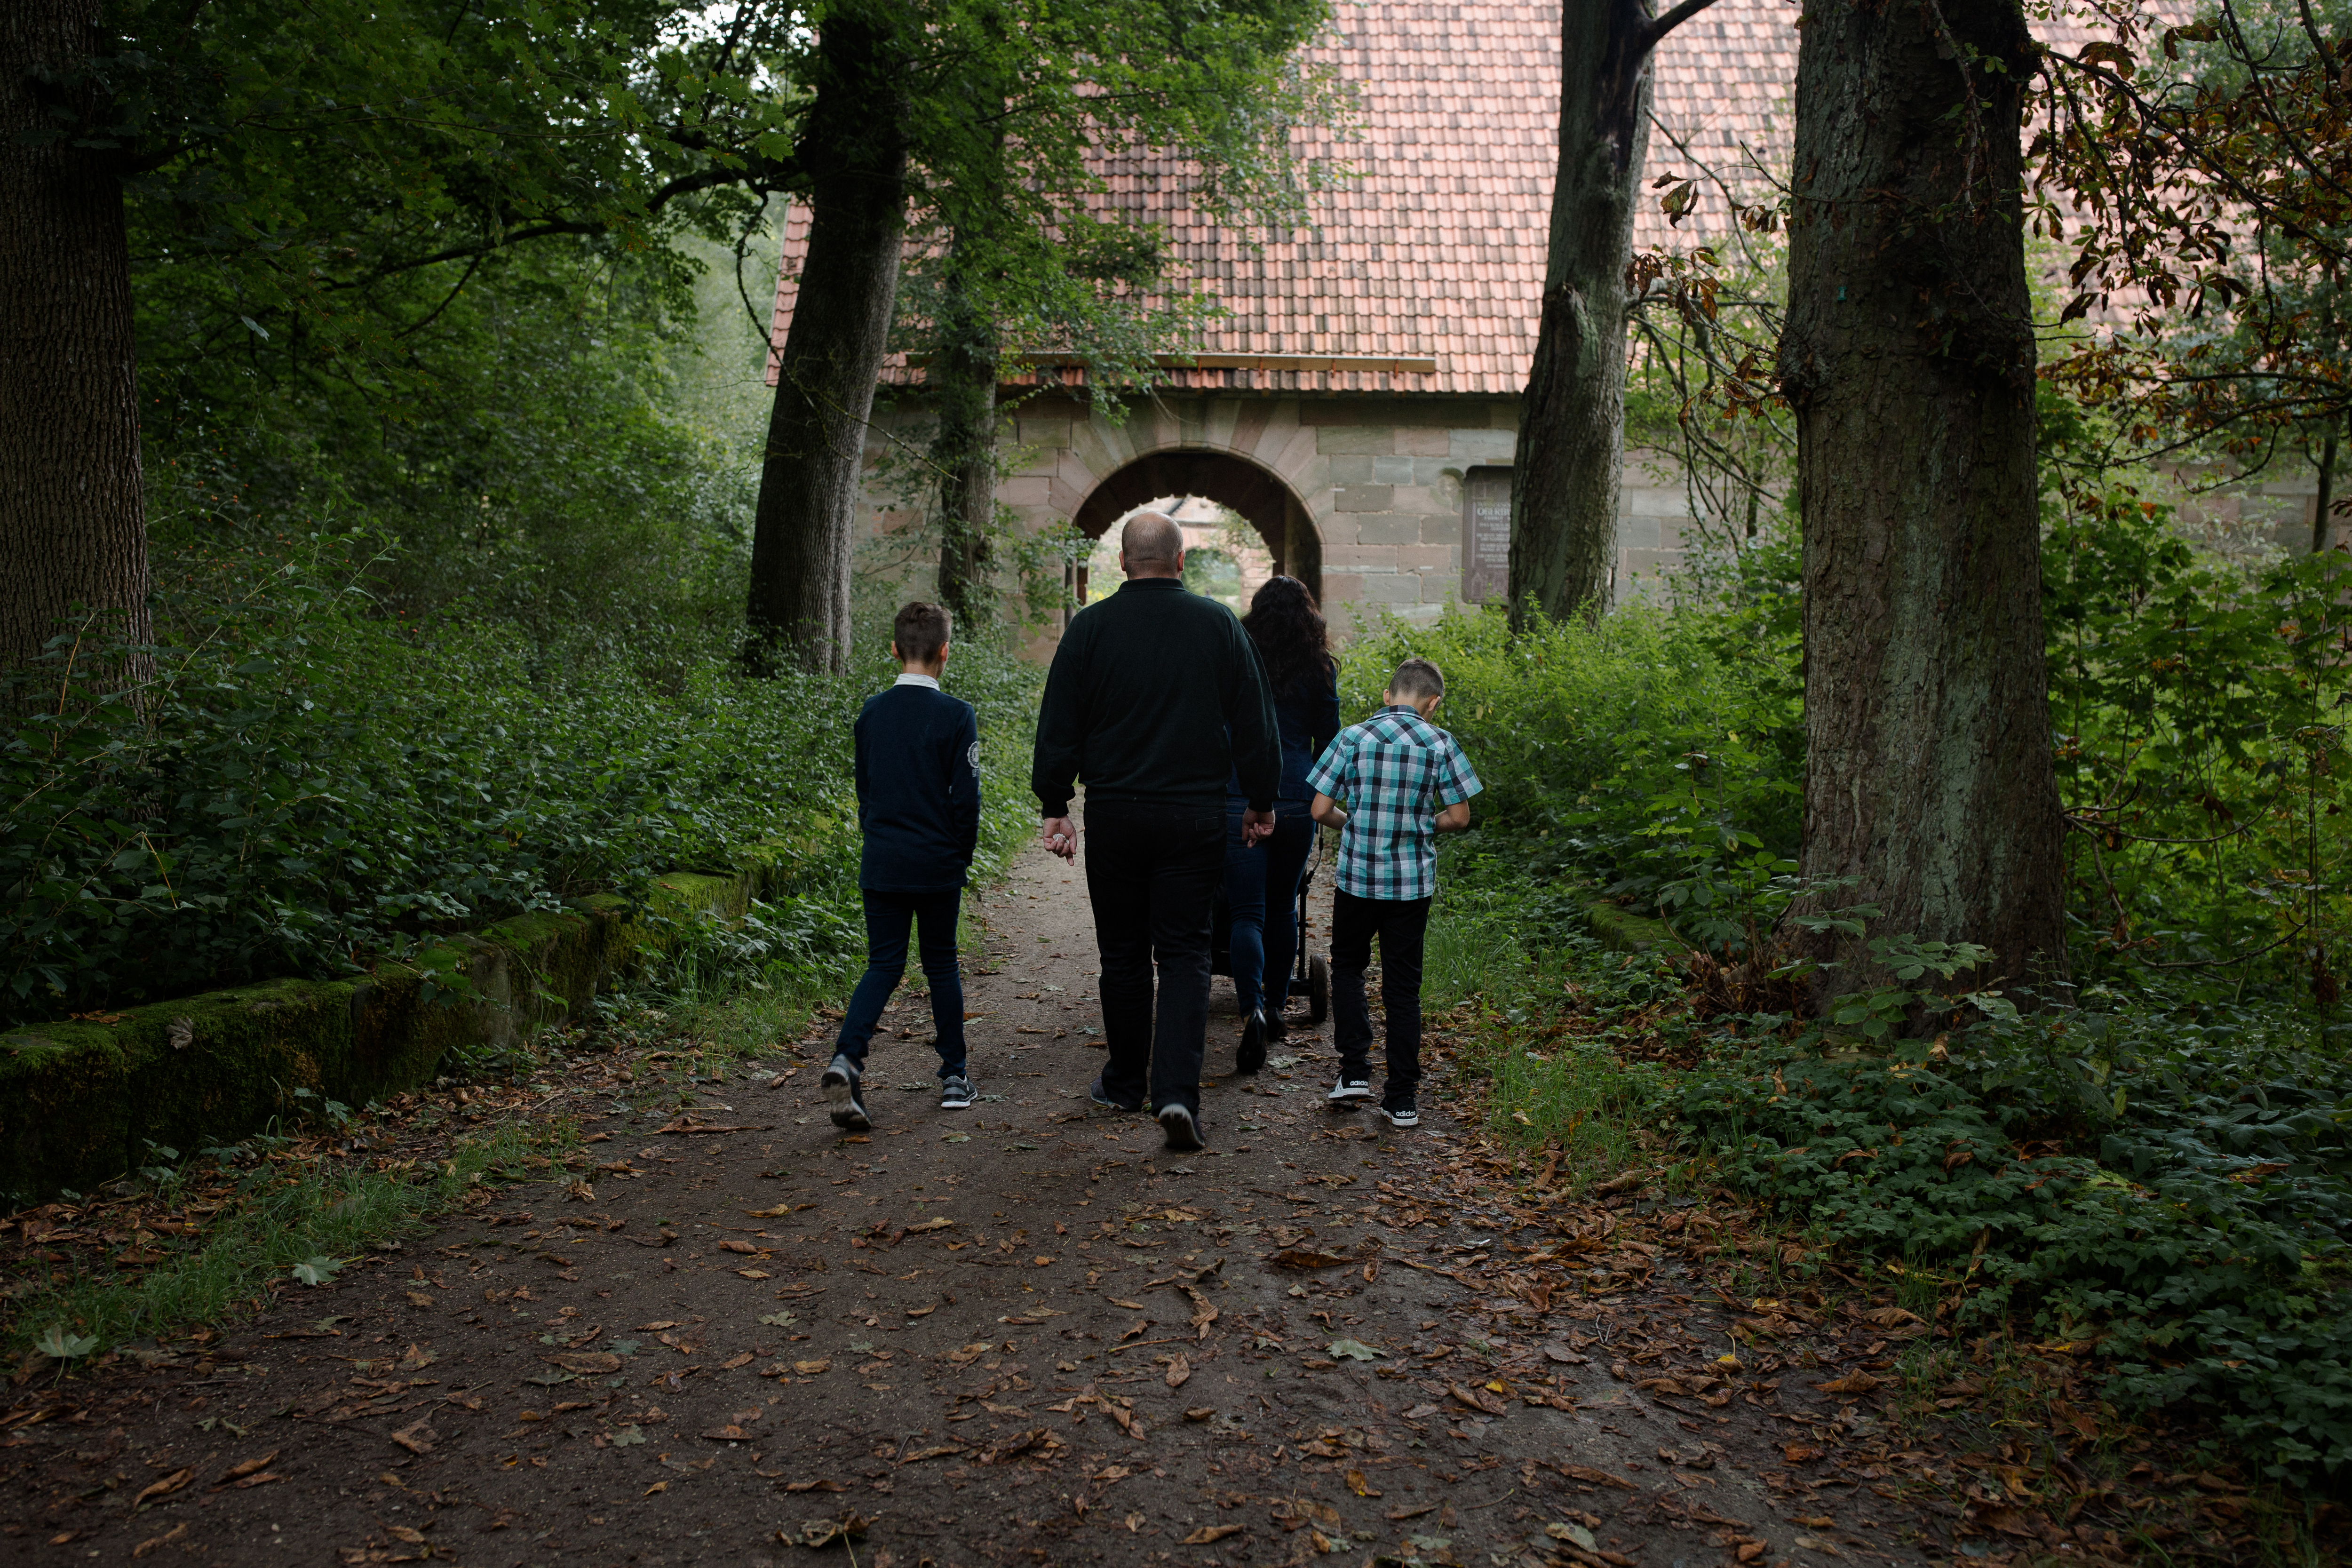 URBANERIE_Daniela_Goth_Fotografin_Nürnberg_Fürth_Erlangen_Schwabach_170903_0197